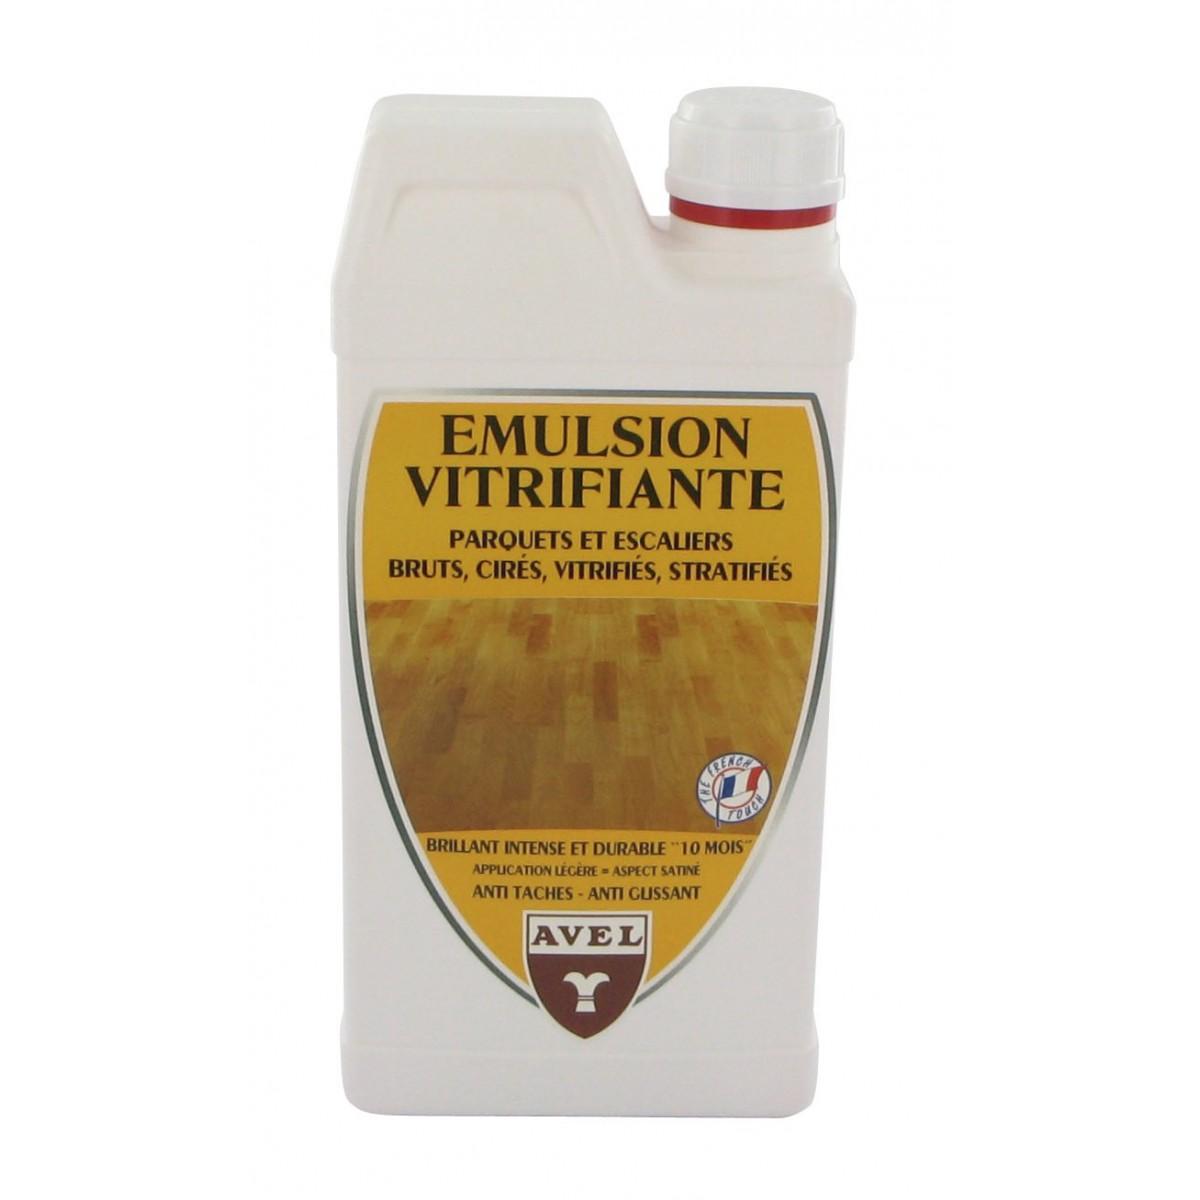 Emulsion vitrifiante parquet Avel - Bidon 1 l